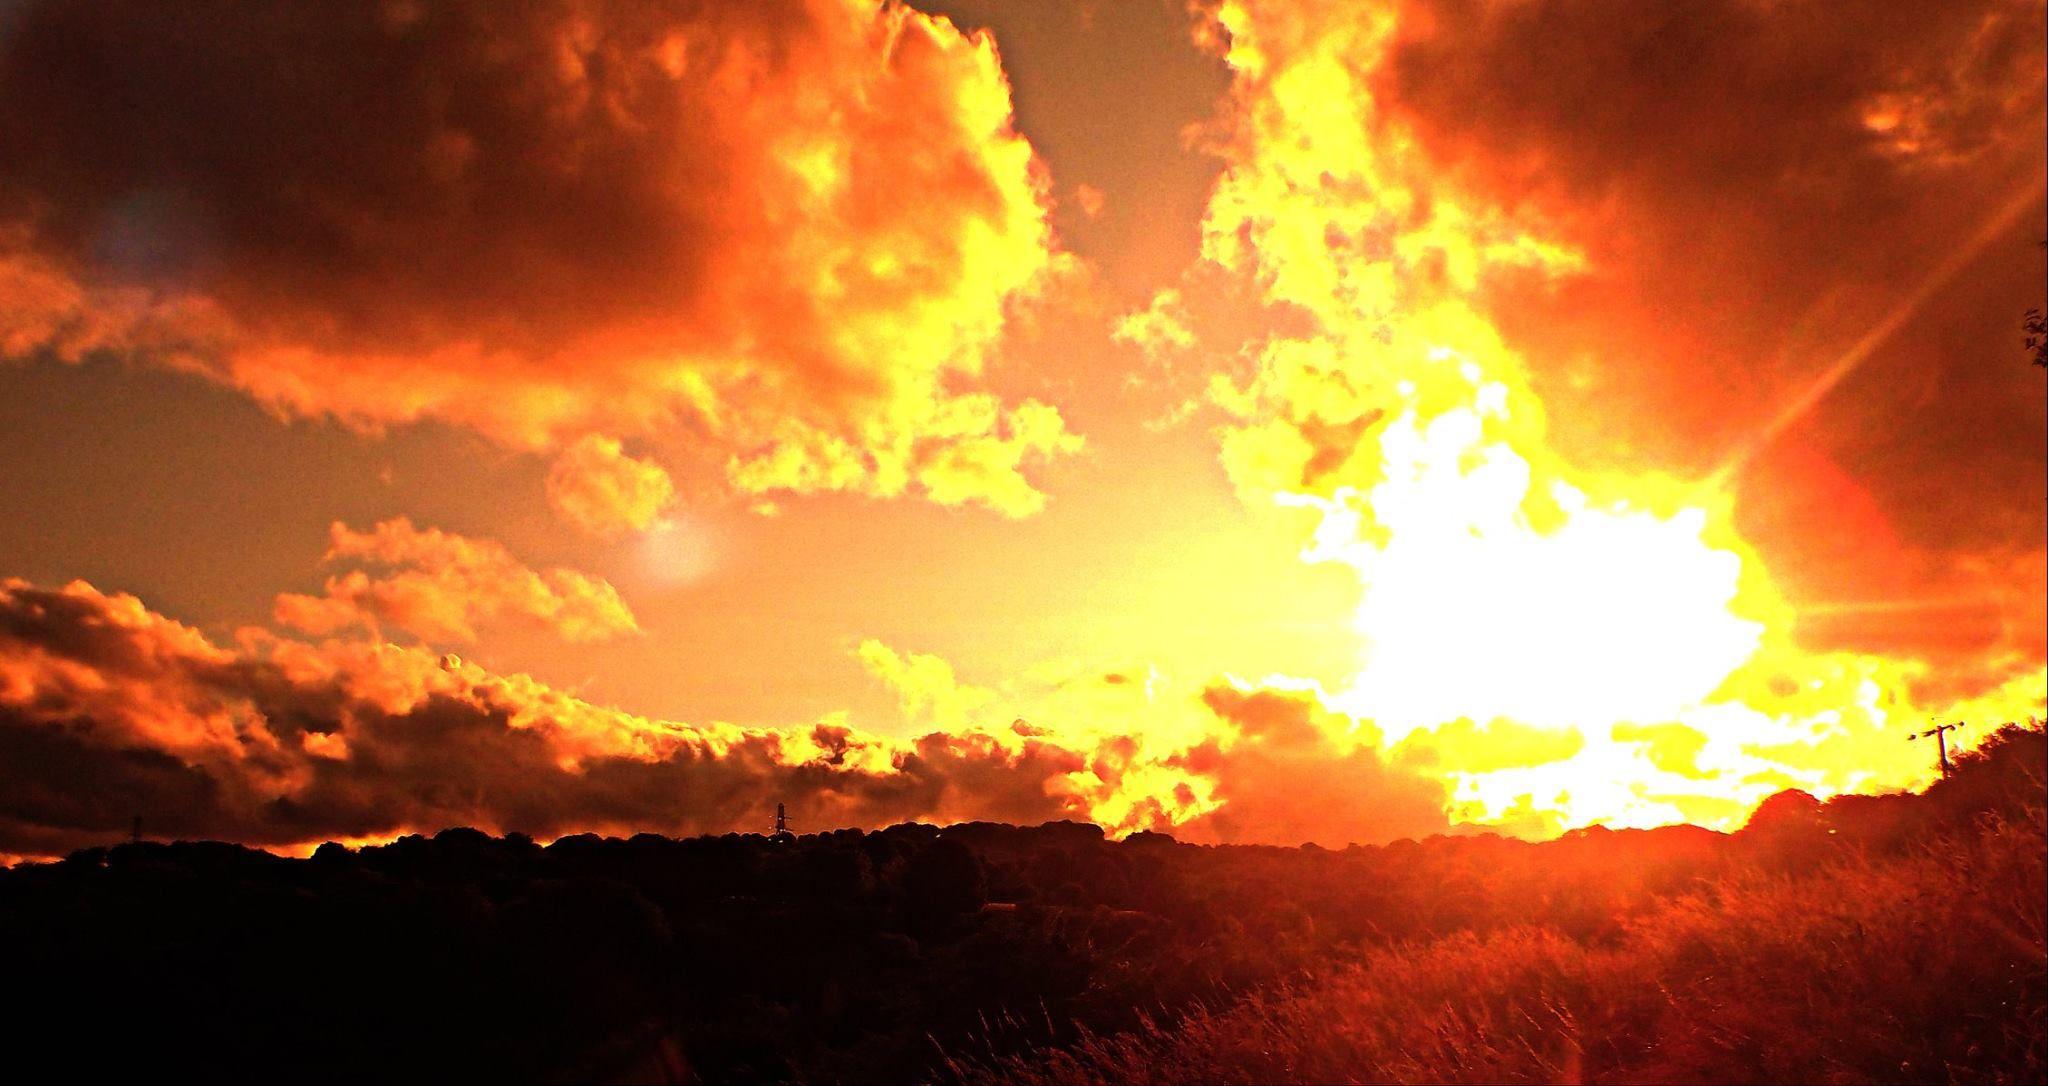 sunset by shazoot1984